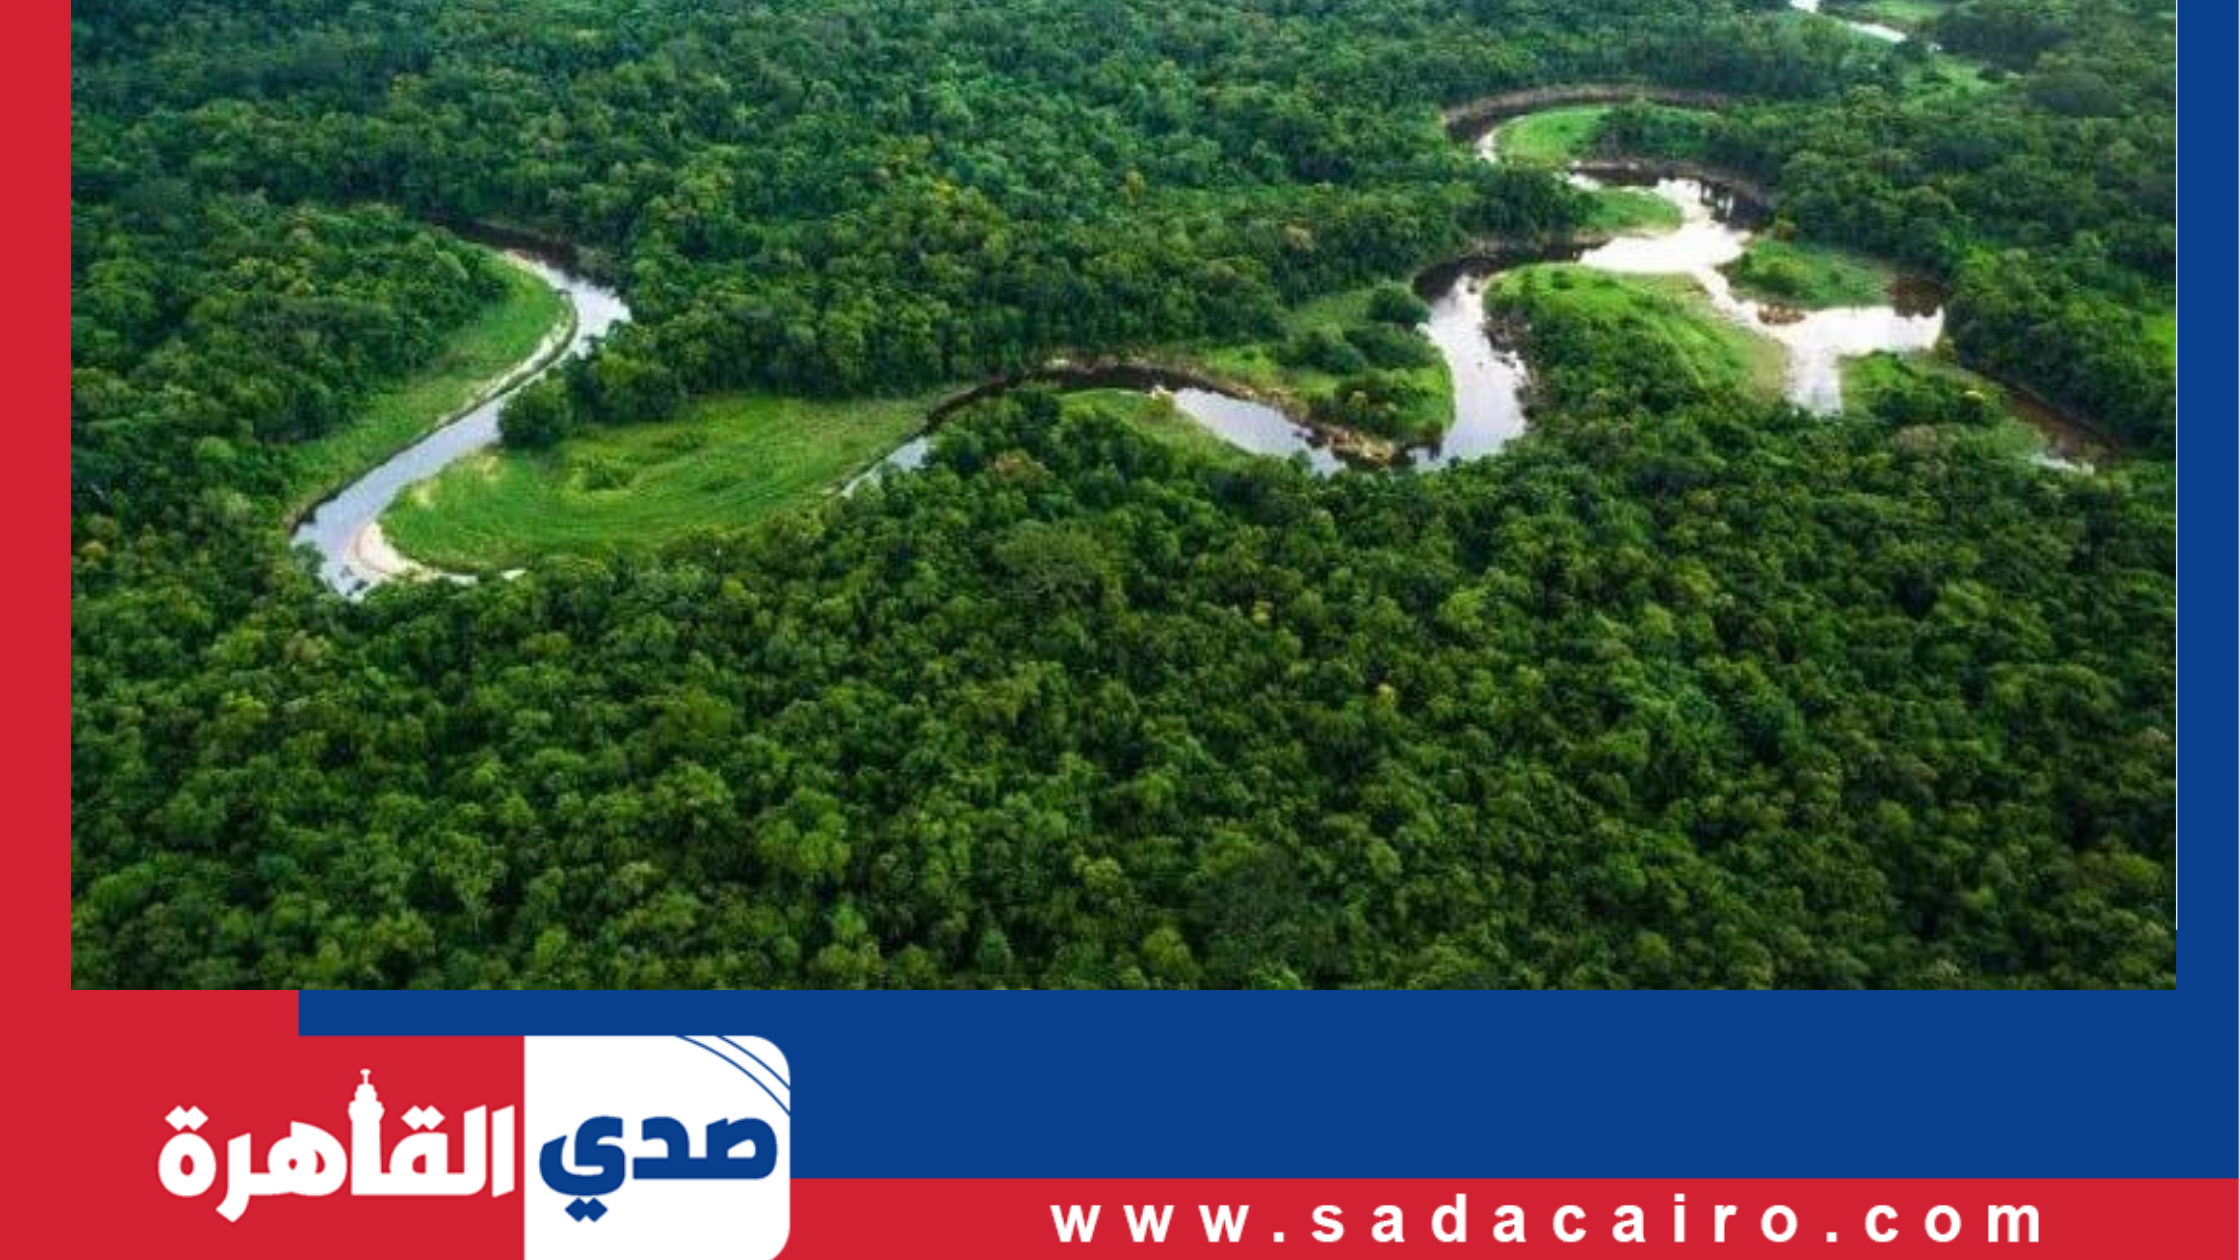 استمرار إزالة مساحات كبيرة من منطقة غابات الأمازون